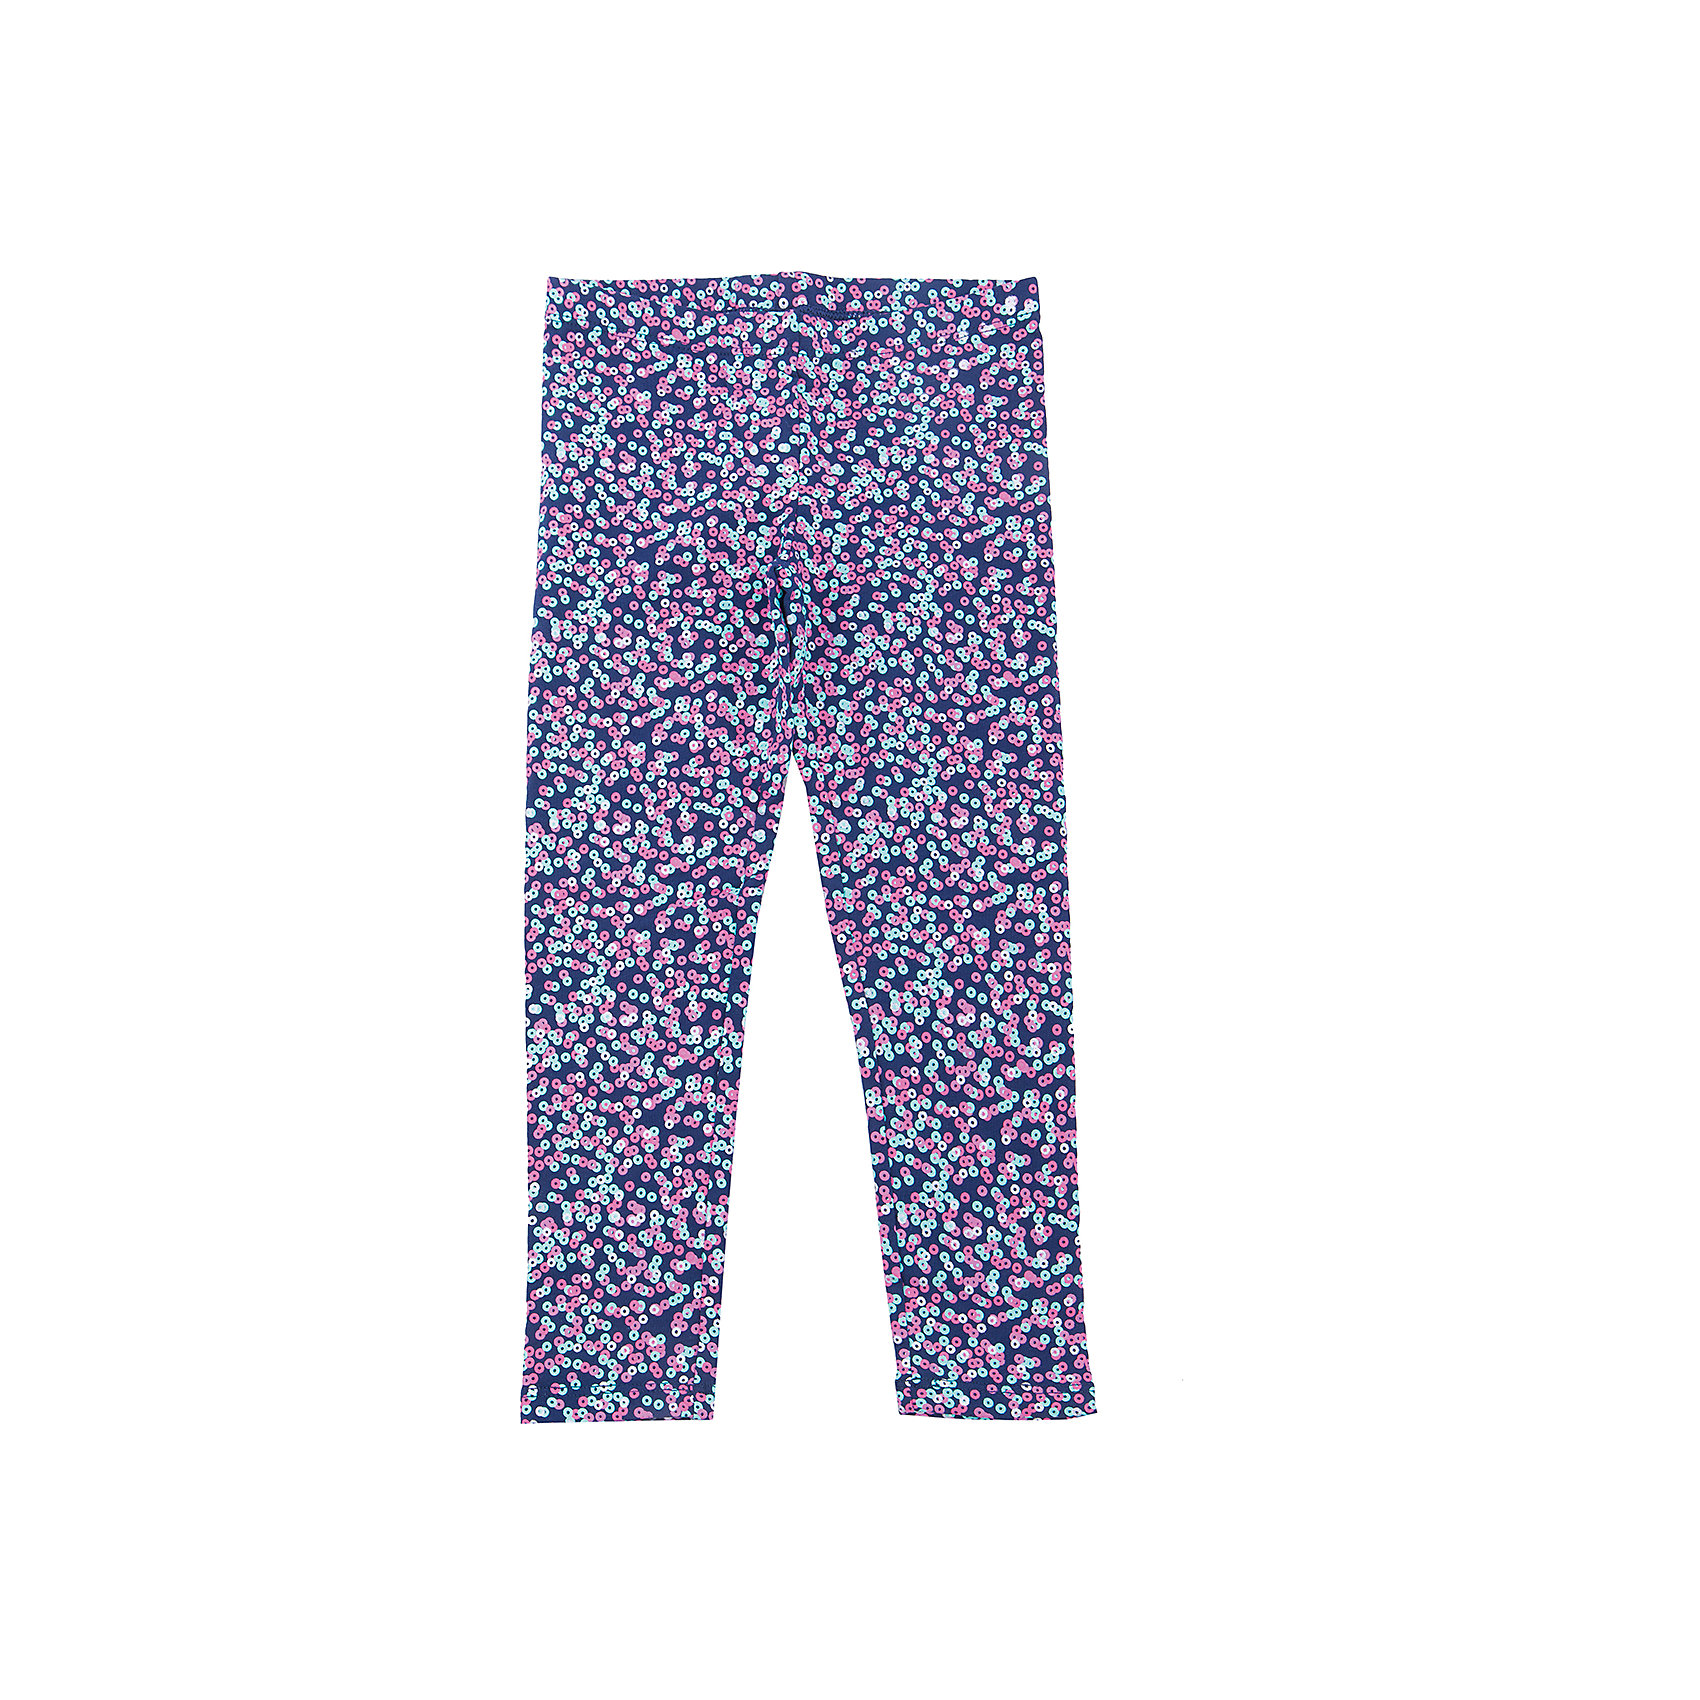 Леггинсы для девочки SELAЛеггинсы для девочки SELA (Села)<br><br>Характеристики:<br><br>• полная длина<br>• прилегающий силуэт<br>• состав: 95% хлопок, 5% эластан<br>• коллекция: весна 2017<br>• цвет: мультиколор<br><br>Яркие джинсы от Sela придутся по вкусу каждой юной модницы. Они имеют прилегающий силуэт и отлично смотрятся на фигуре. При этом леггинсы не сковывают движений девочки. Модель цвета индиго декорирована узором в виде ярких пайеток. Хлопковый материал приятен телу и не вызывает раздражения. Отличный вариант для самых изысканных модниц!<br><br>Леггинсы для девочки SELA (Села) вы можете купить в нашем интернет-магазине.<br><br>Ширина мм: 215<br>Глубина мм: 88<br>Высота мм: 191<br>Вес г: 336<br>Цвет: разноцветный<br>Возраст от месяцев: 18<br>Возраст до месяцев: 24<br>Пол: Женский<br>Возраст: Детский<br>Размер: 116,110,104,98,92<br>SKU: 5302395